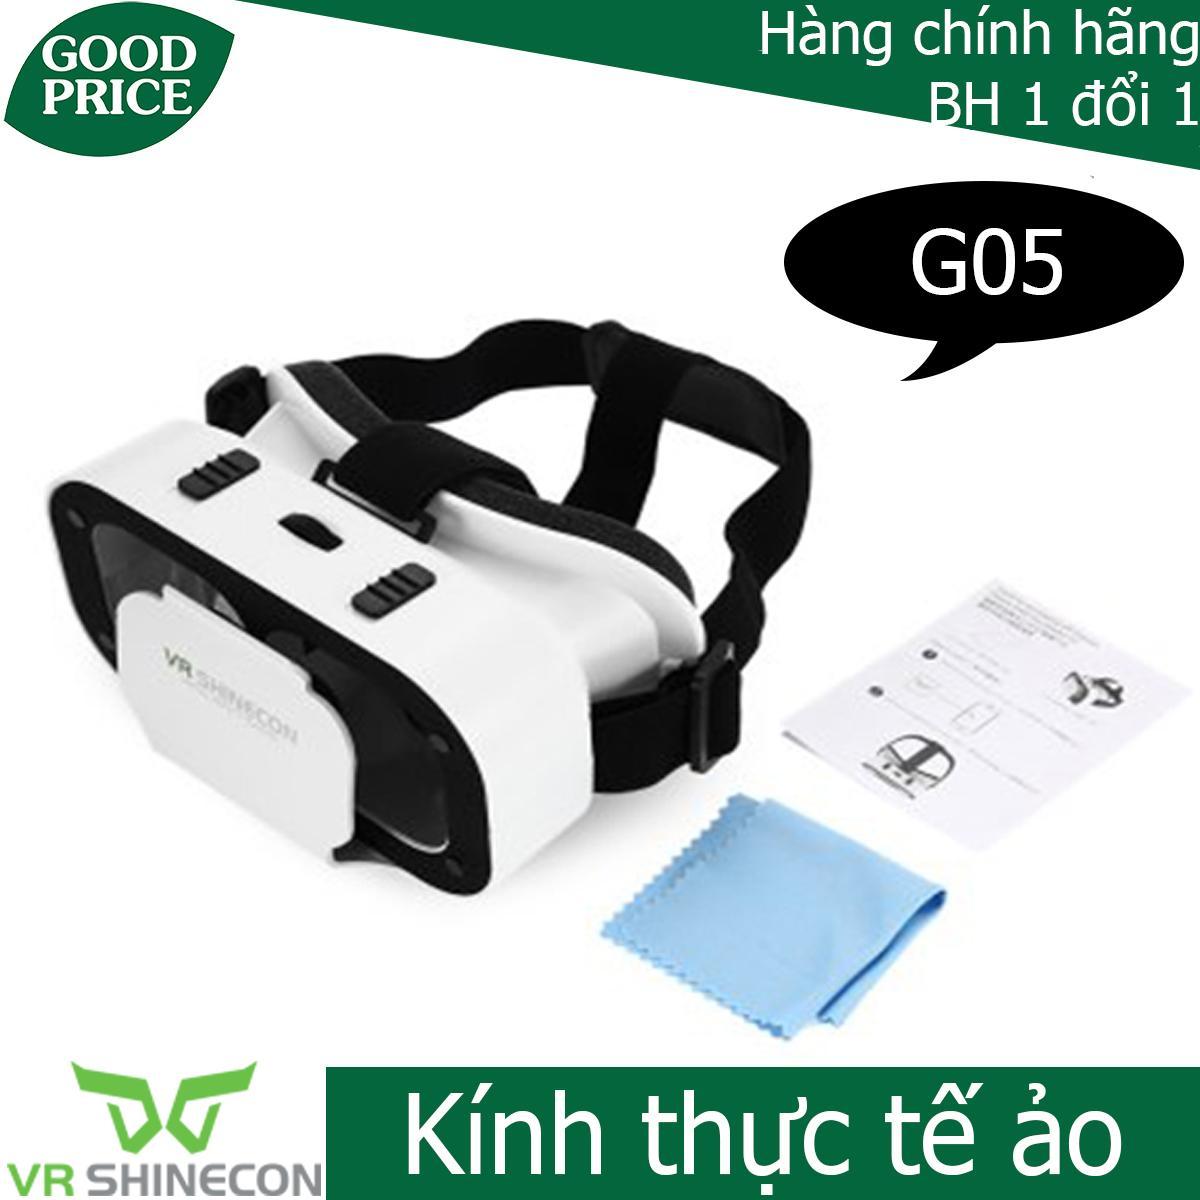 Kính 3D Vr Shinecon G05 - Kính Thực Tế ảo Vr Shinecon G05 Có Giá Cực Tốt